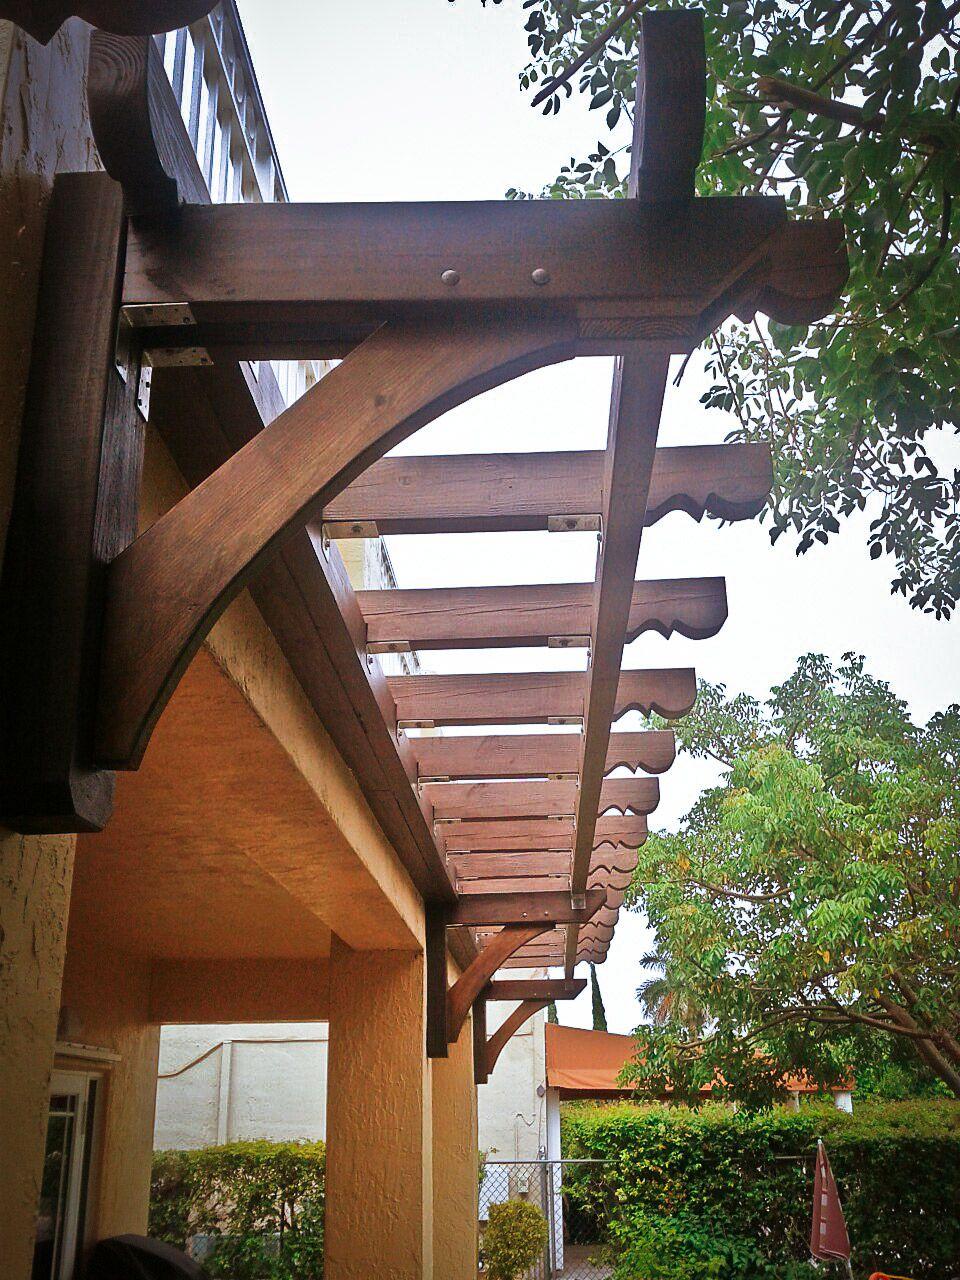 wall pergola design on pergolas flora tropica pergola outdoor spaces eyebrow pergola pergola eyebrow pergola pergola